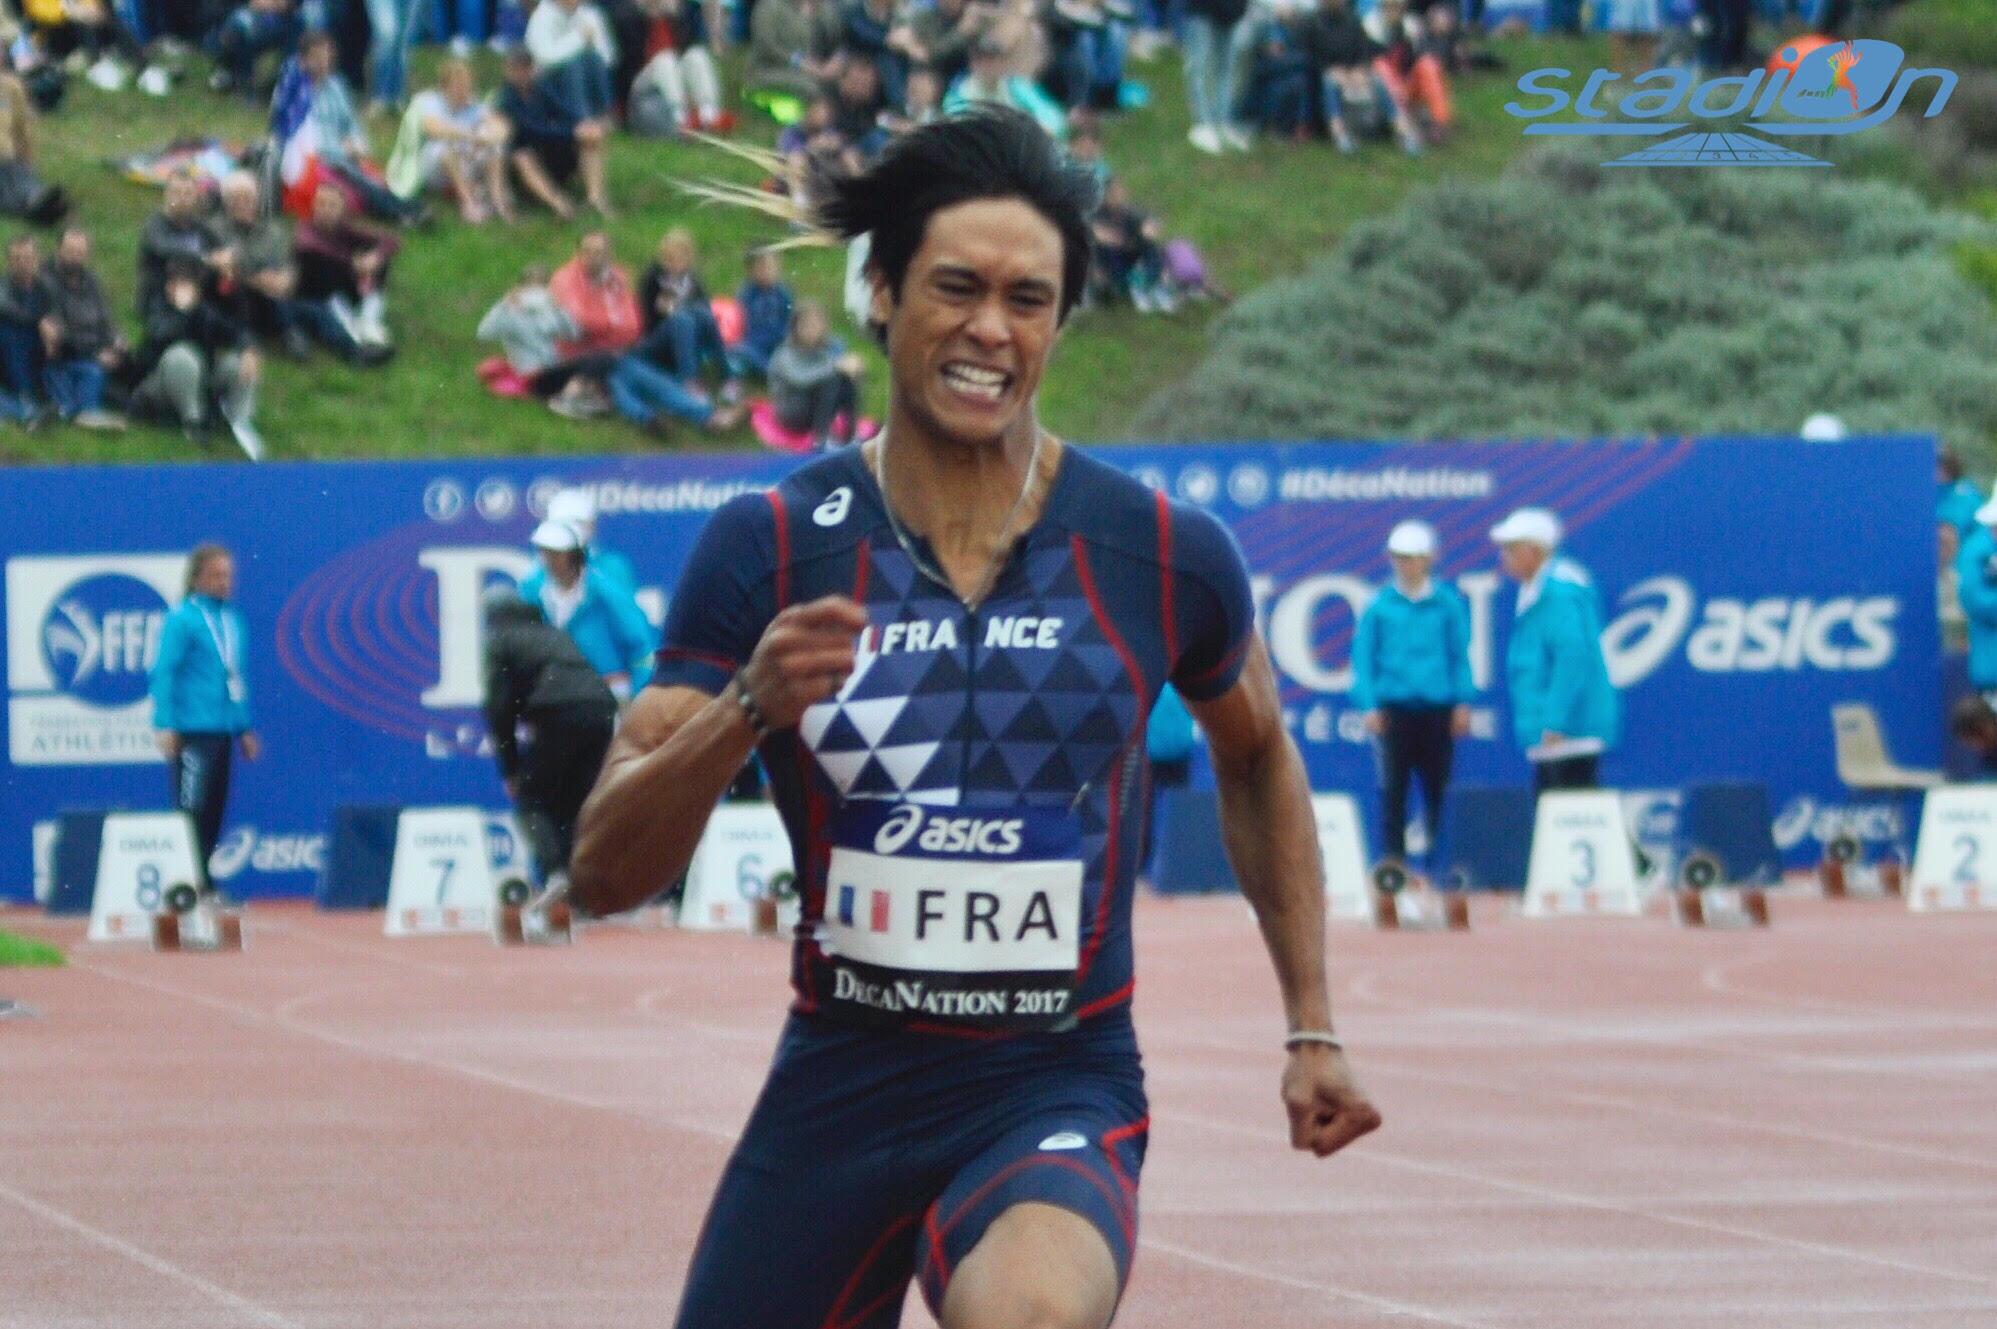 Championnats de France universitaires en salle : Raihau Maiau voit double